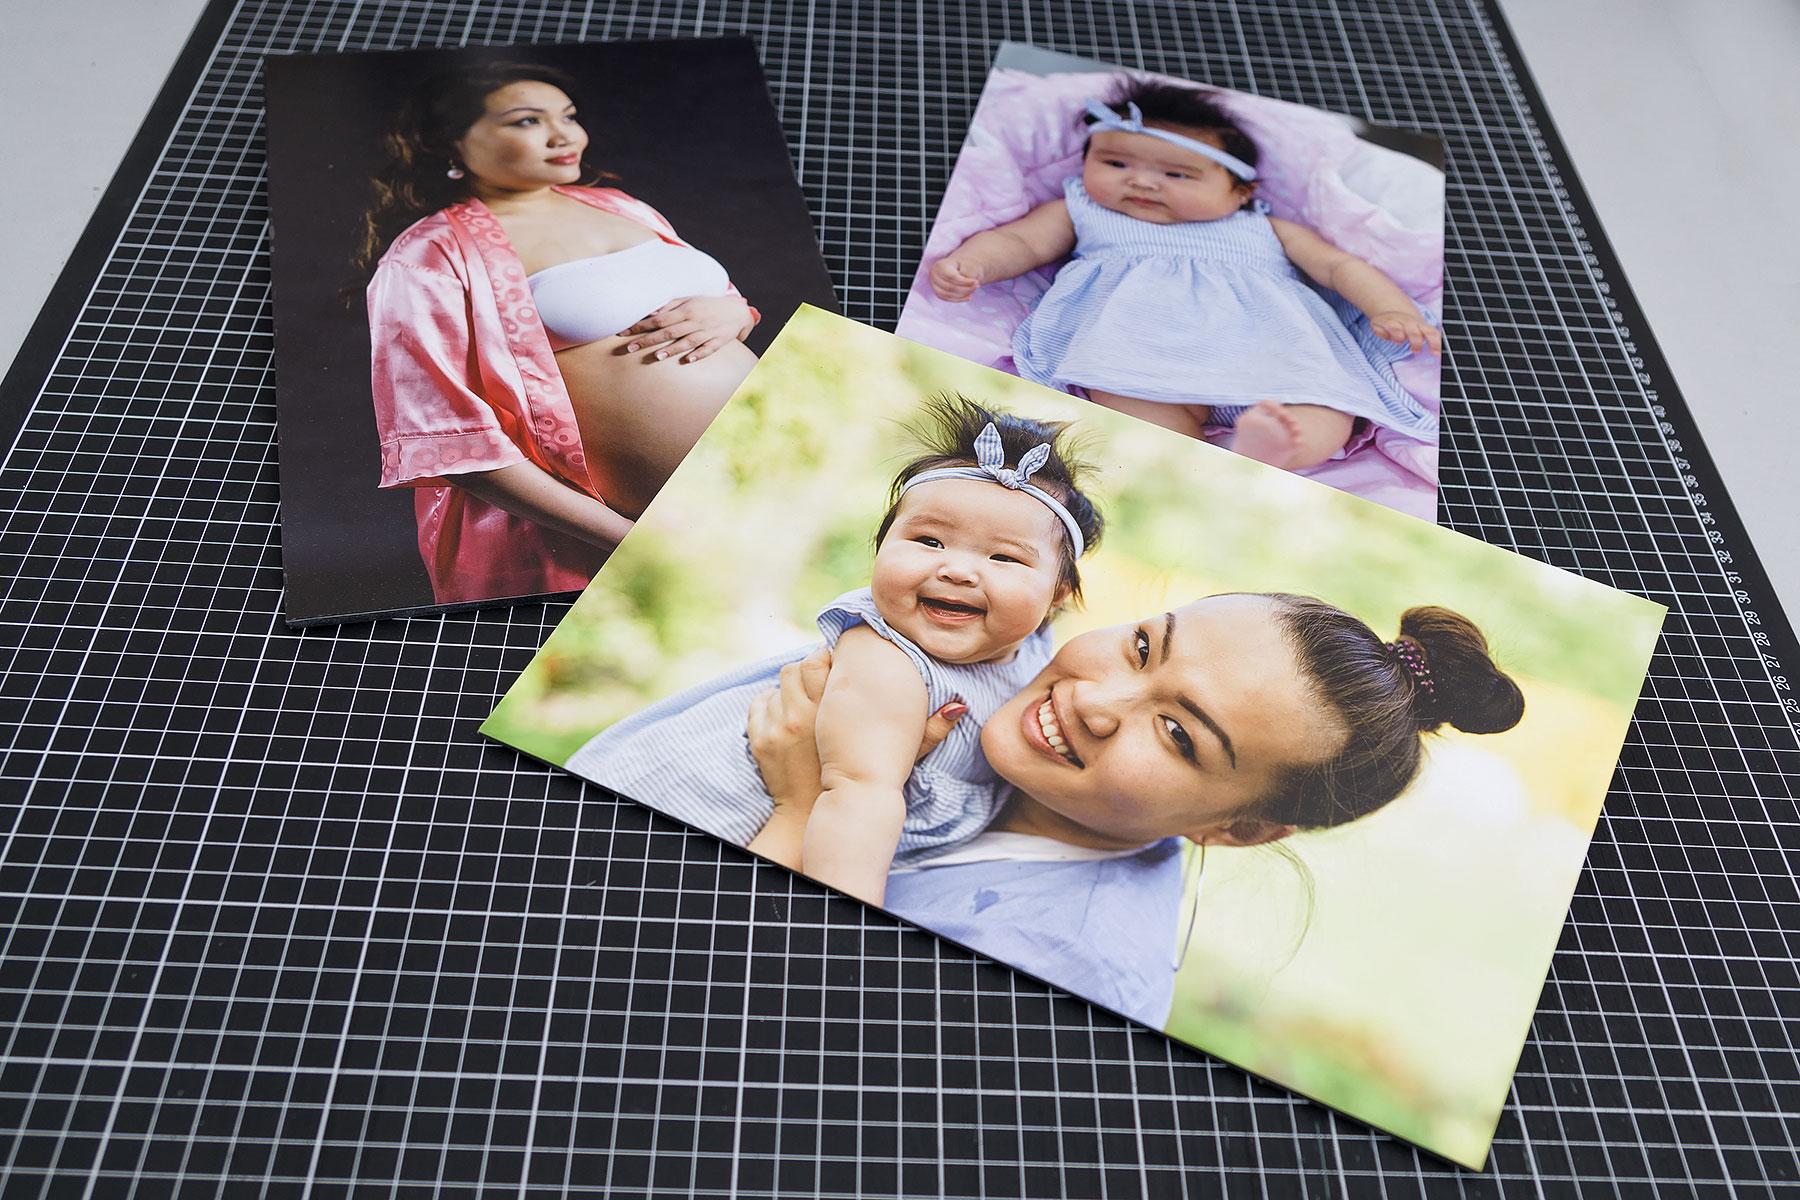 Vzpomínky na těhotenství a narození dítěte